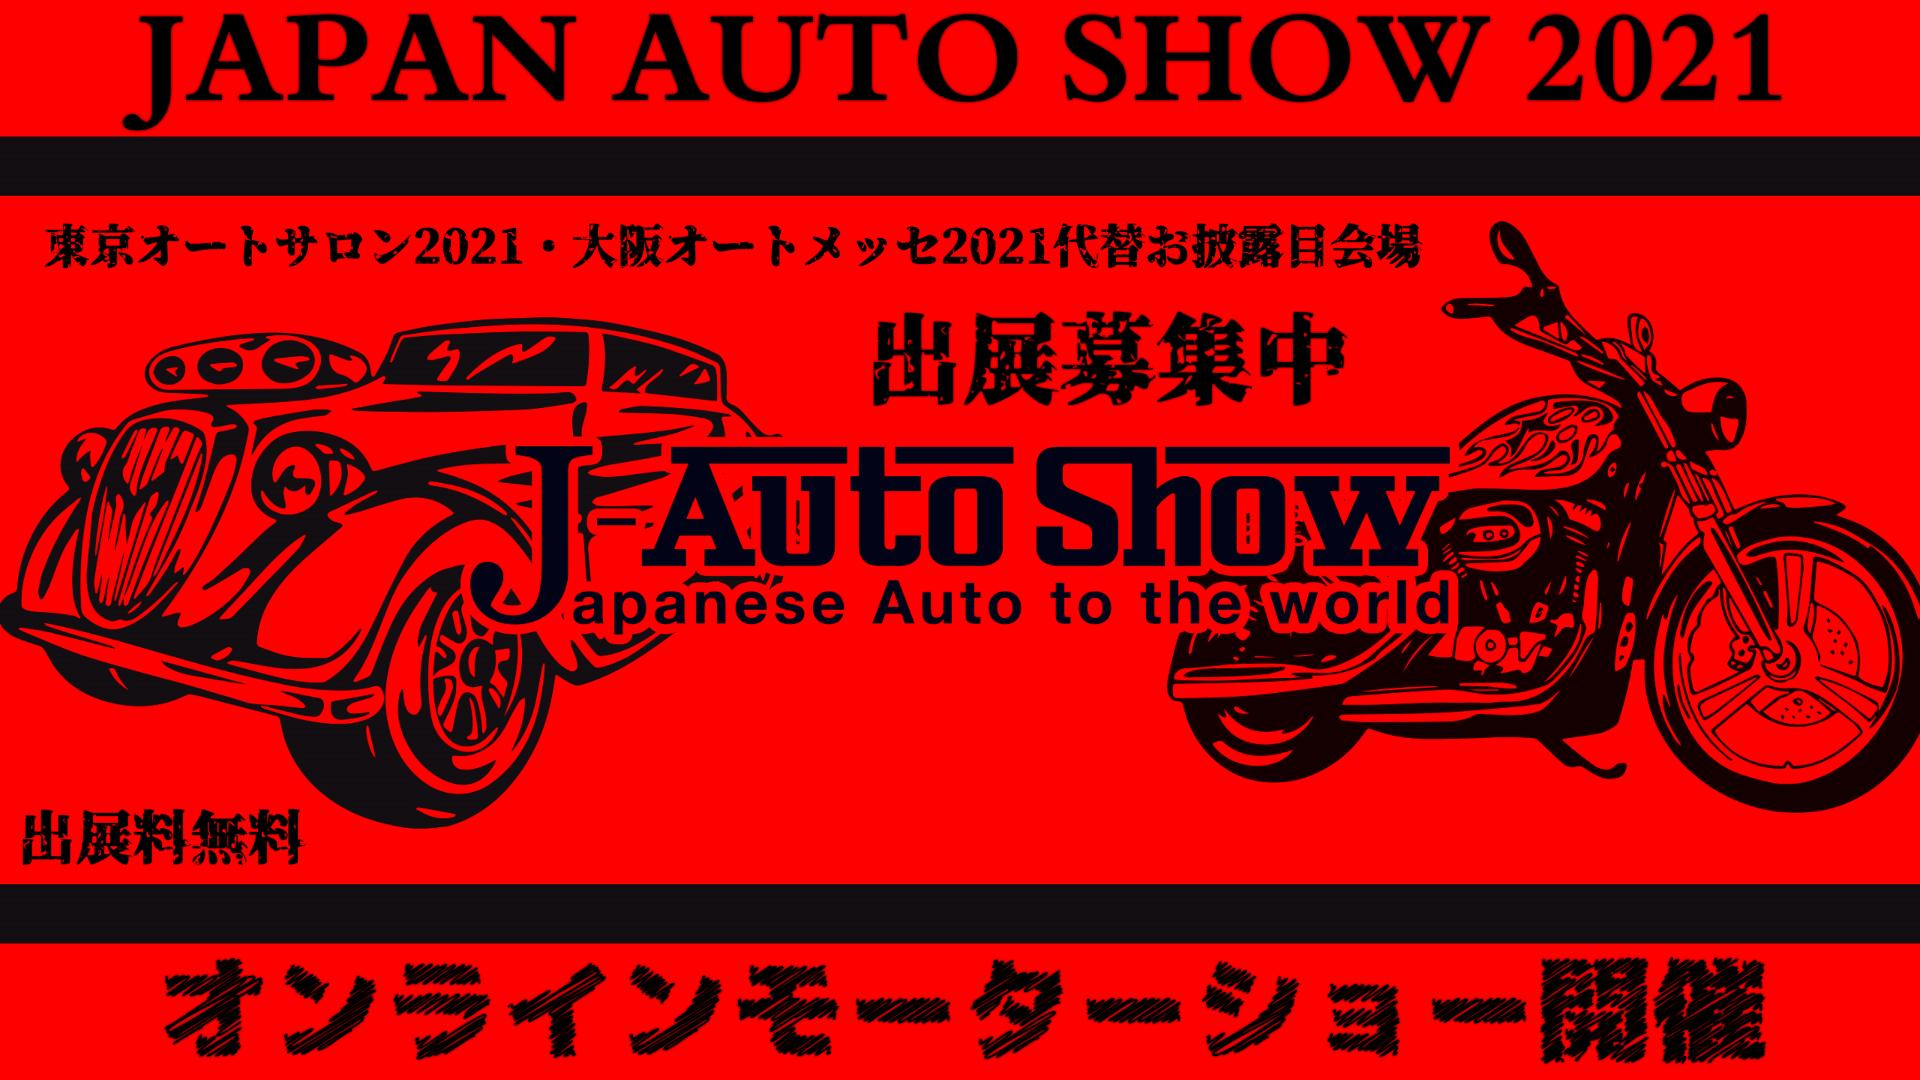 JAPAN AUTO SHOW 2021  オンラインモーターショーを開催します